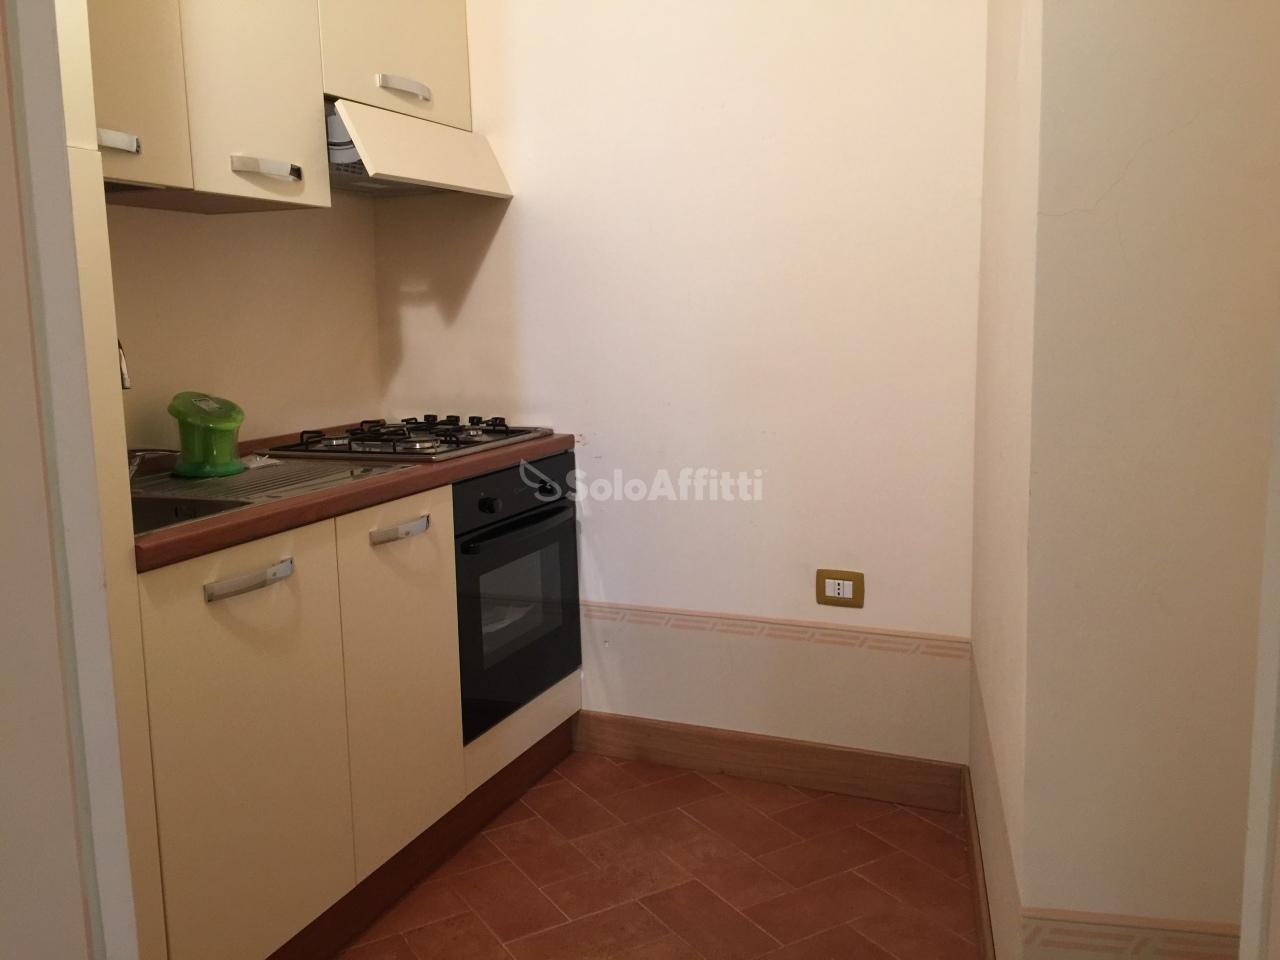 Appartamenti e Attici TERNI affitto  Centro Storico  Piacentino Romano D.I.